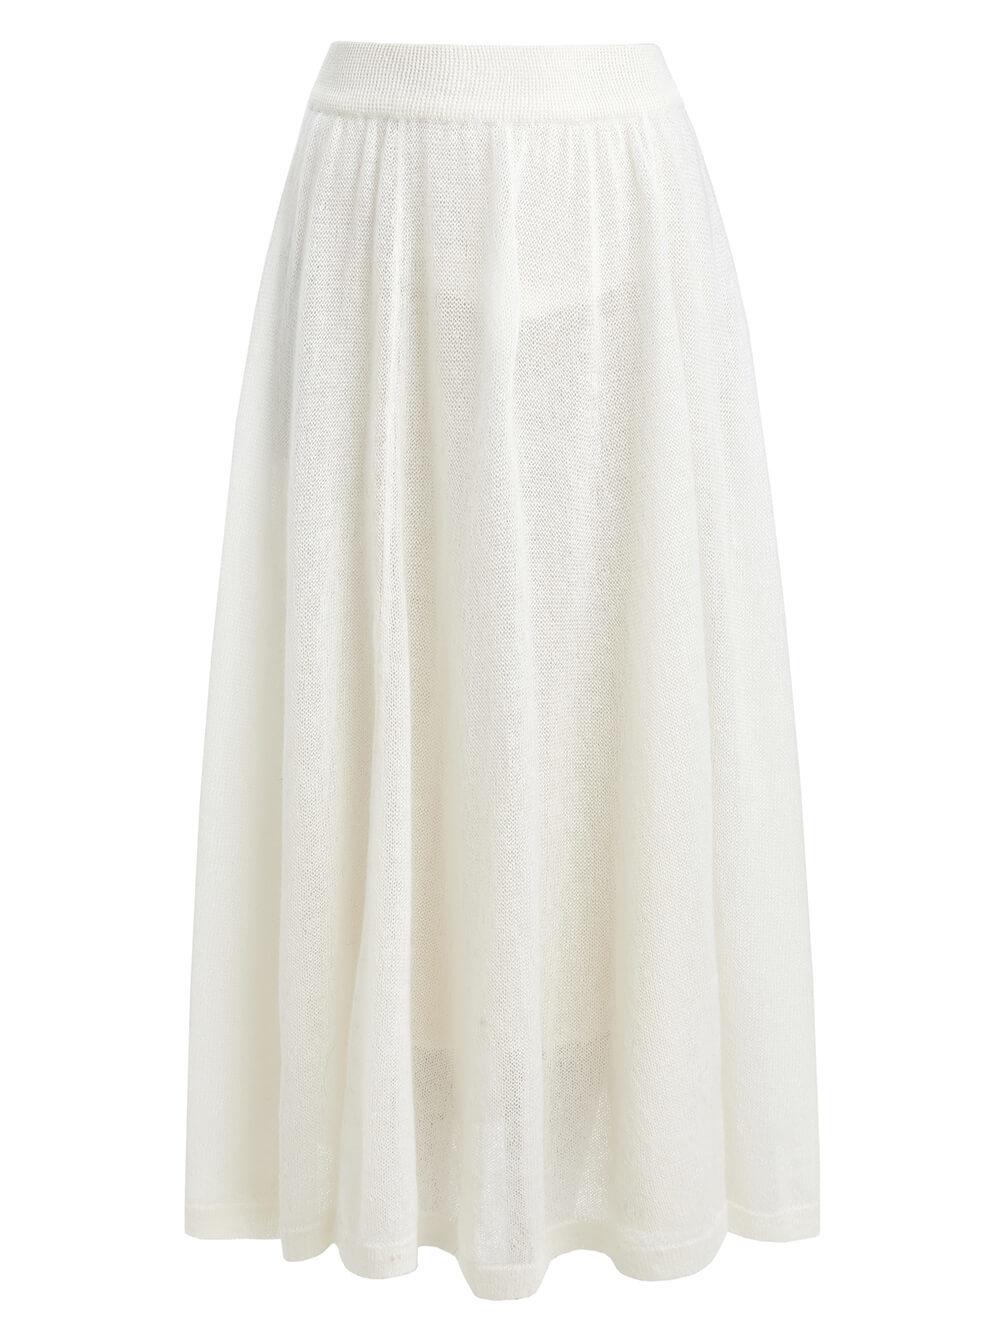 Женская юбка белого цвета - фото 1